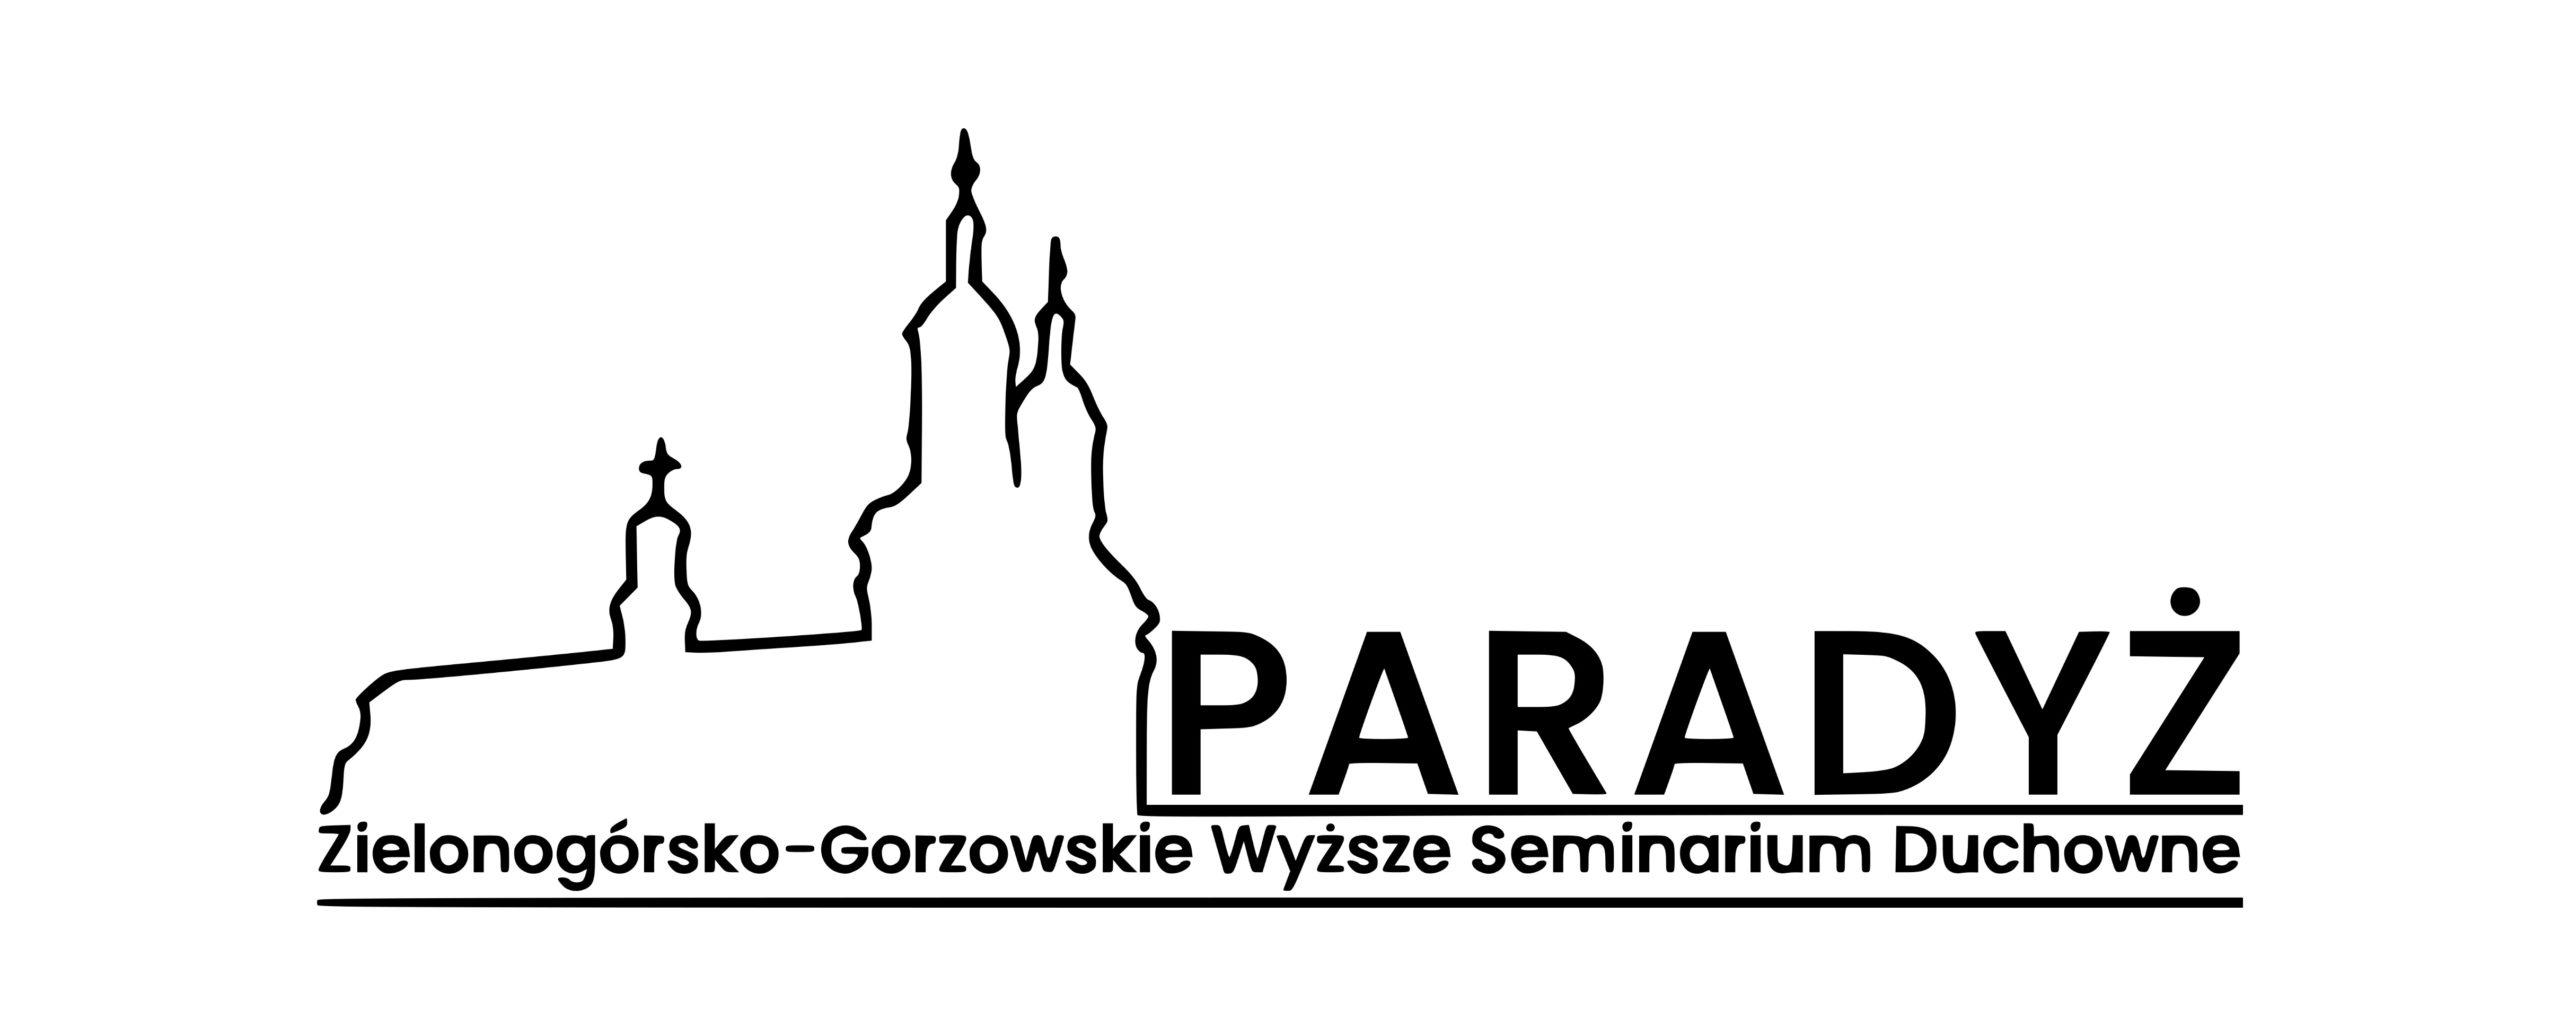 List z seminarium do Przyjaci Paradya - whineymomma.com